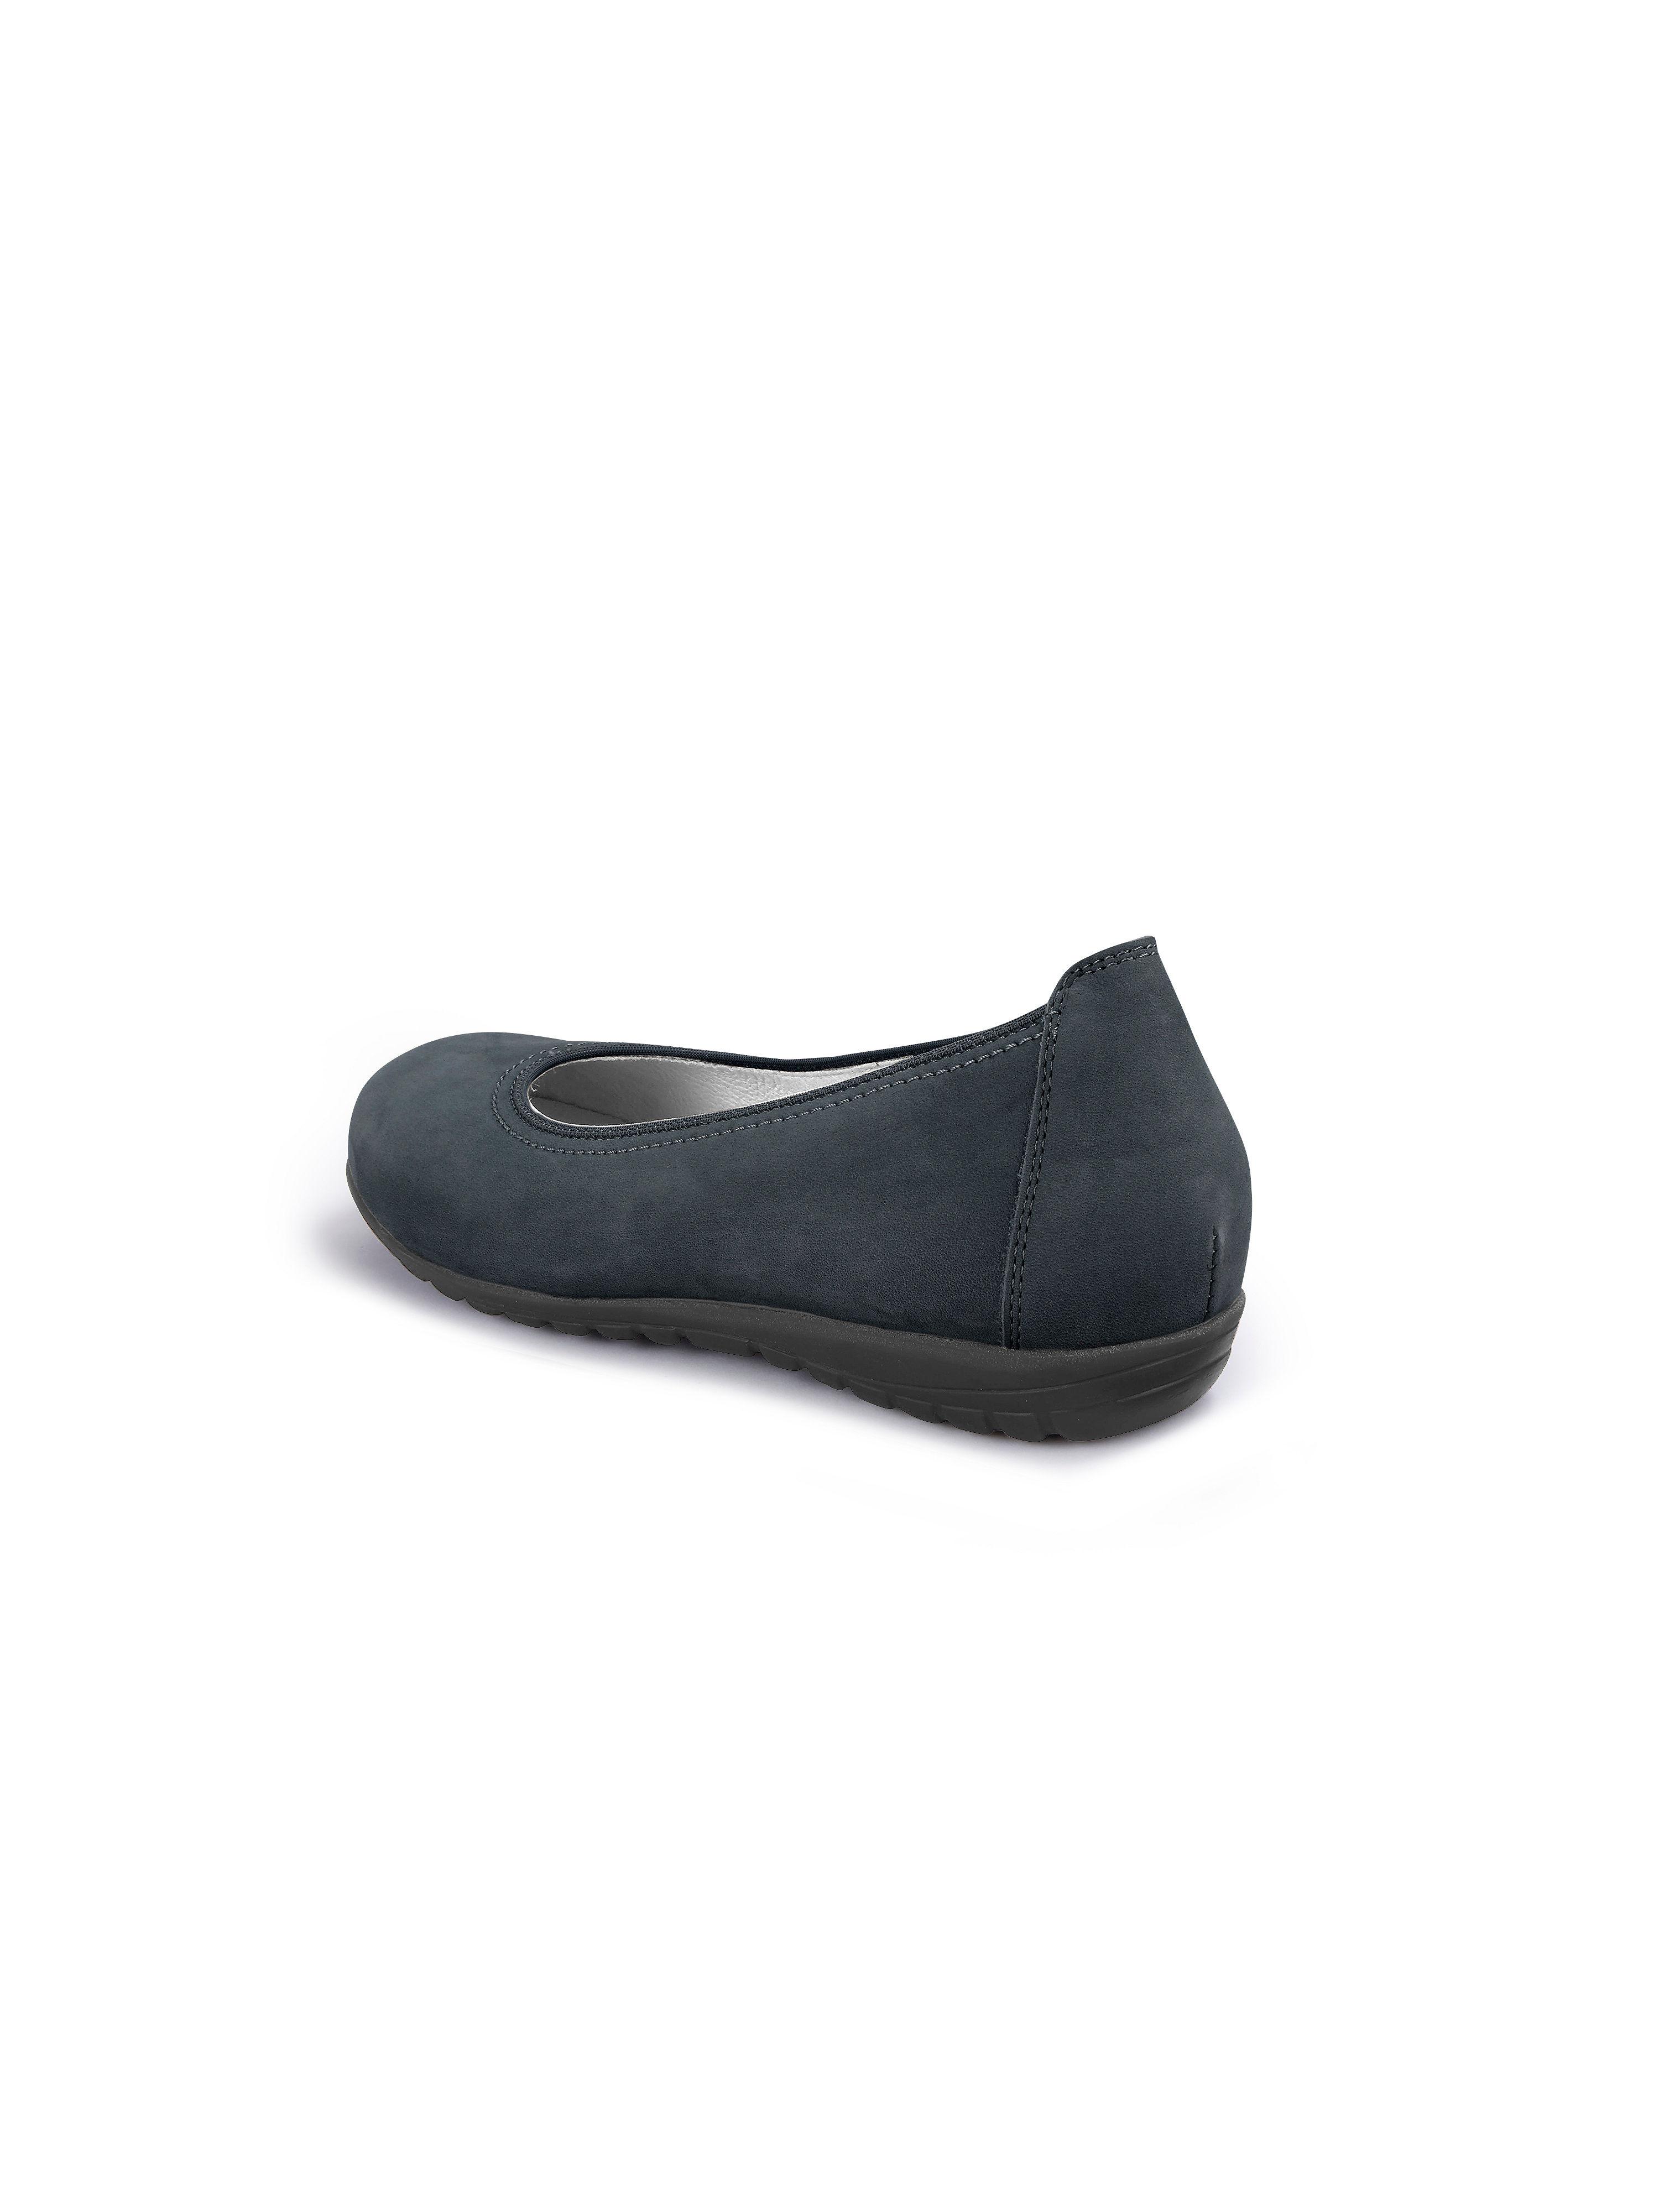 Waldläufer - Ballerina Hesima - - - Meerblau Gute Qualität beliebte Schuhe 95c9a4